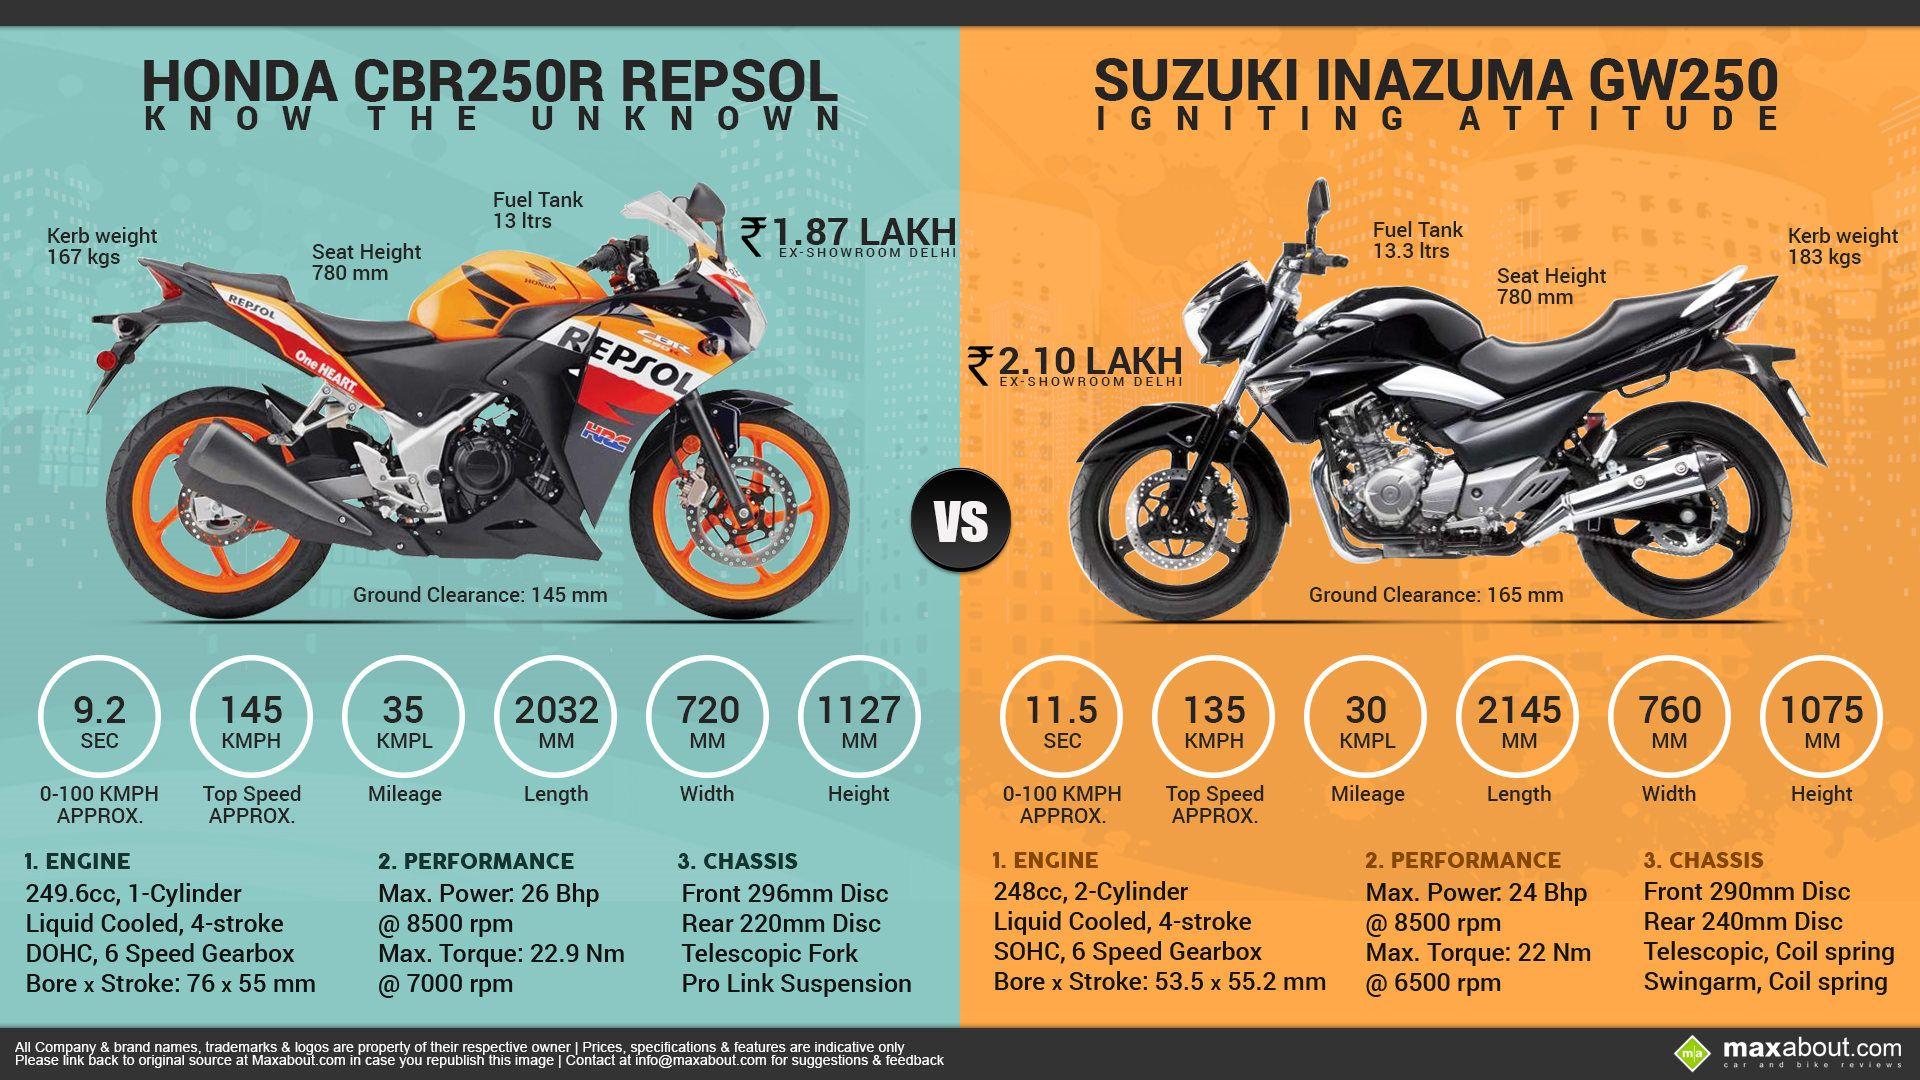 Honda CBR250R Repsol Edition Vs. Suzuki Inazuma GW250